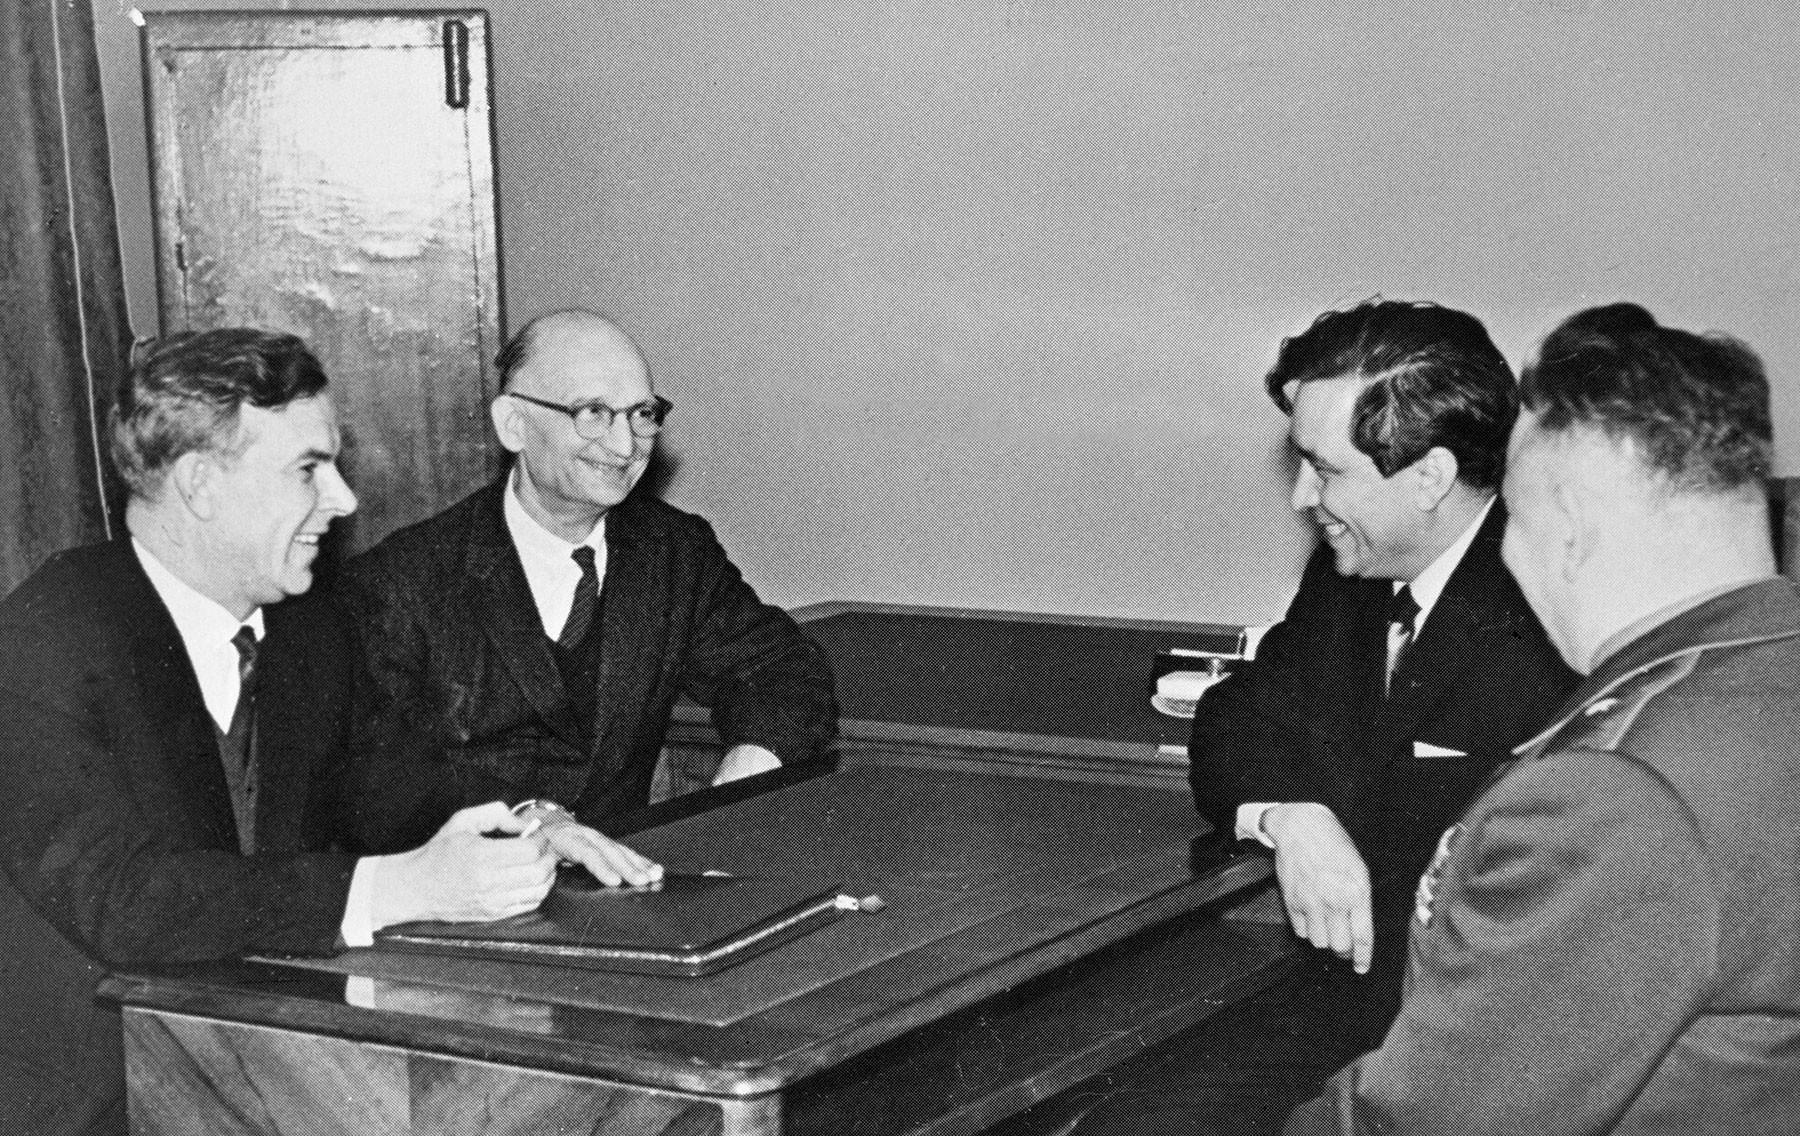 Председатель КГБ при Совете министров СССР Владимир Семичастный (1-й слева) принимает советских разведчиков Рудольфа Абеля (2-й слева) и Конана Молодого (2-й справа), 1964 год. Фото: ©РИА Новости